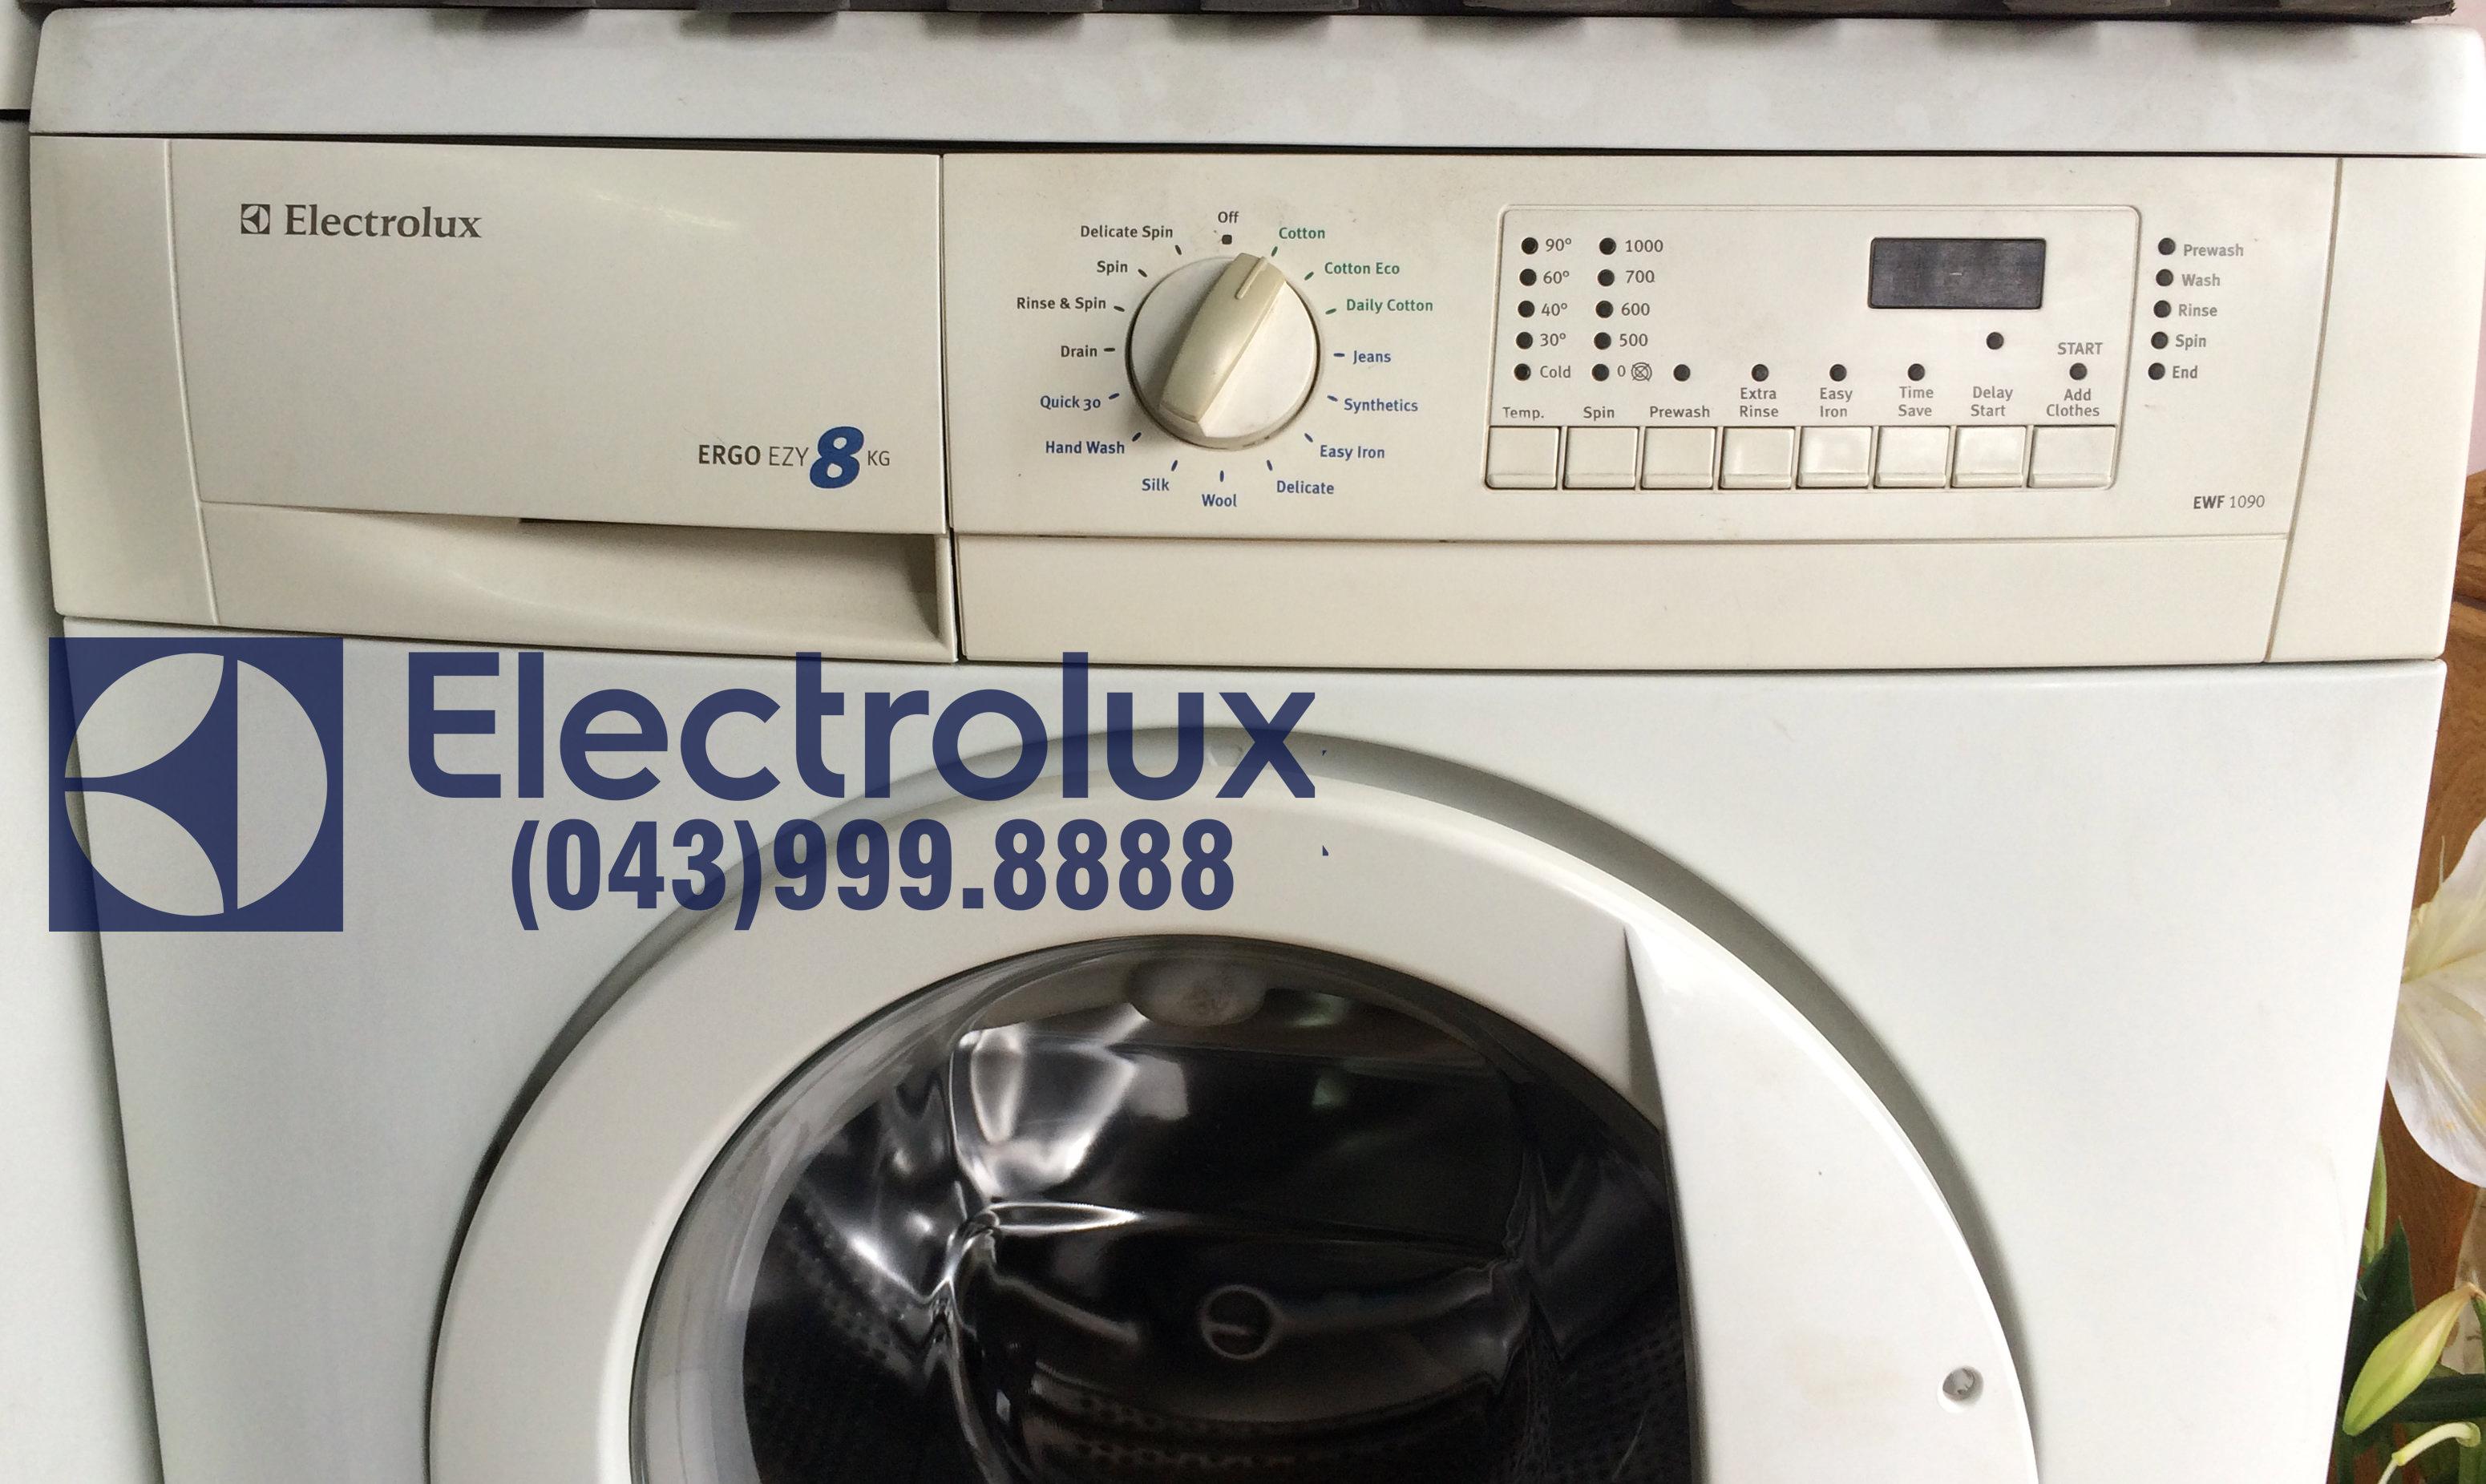 huong-dan-su-dung-may-giat-electrolux-ewf1090